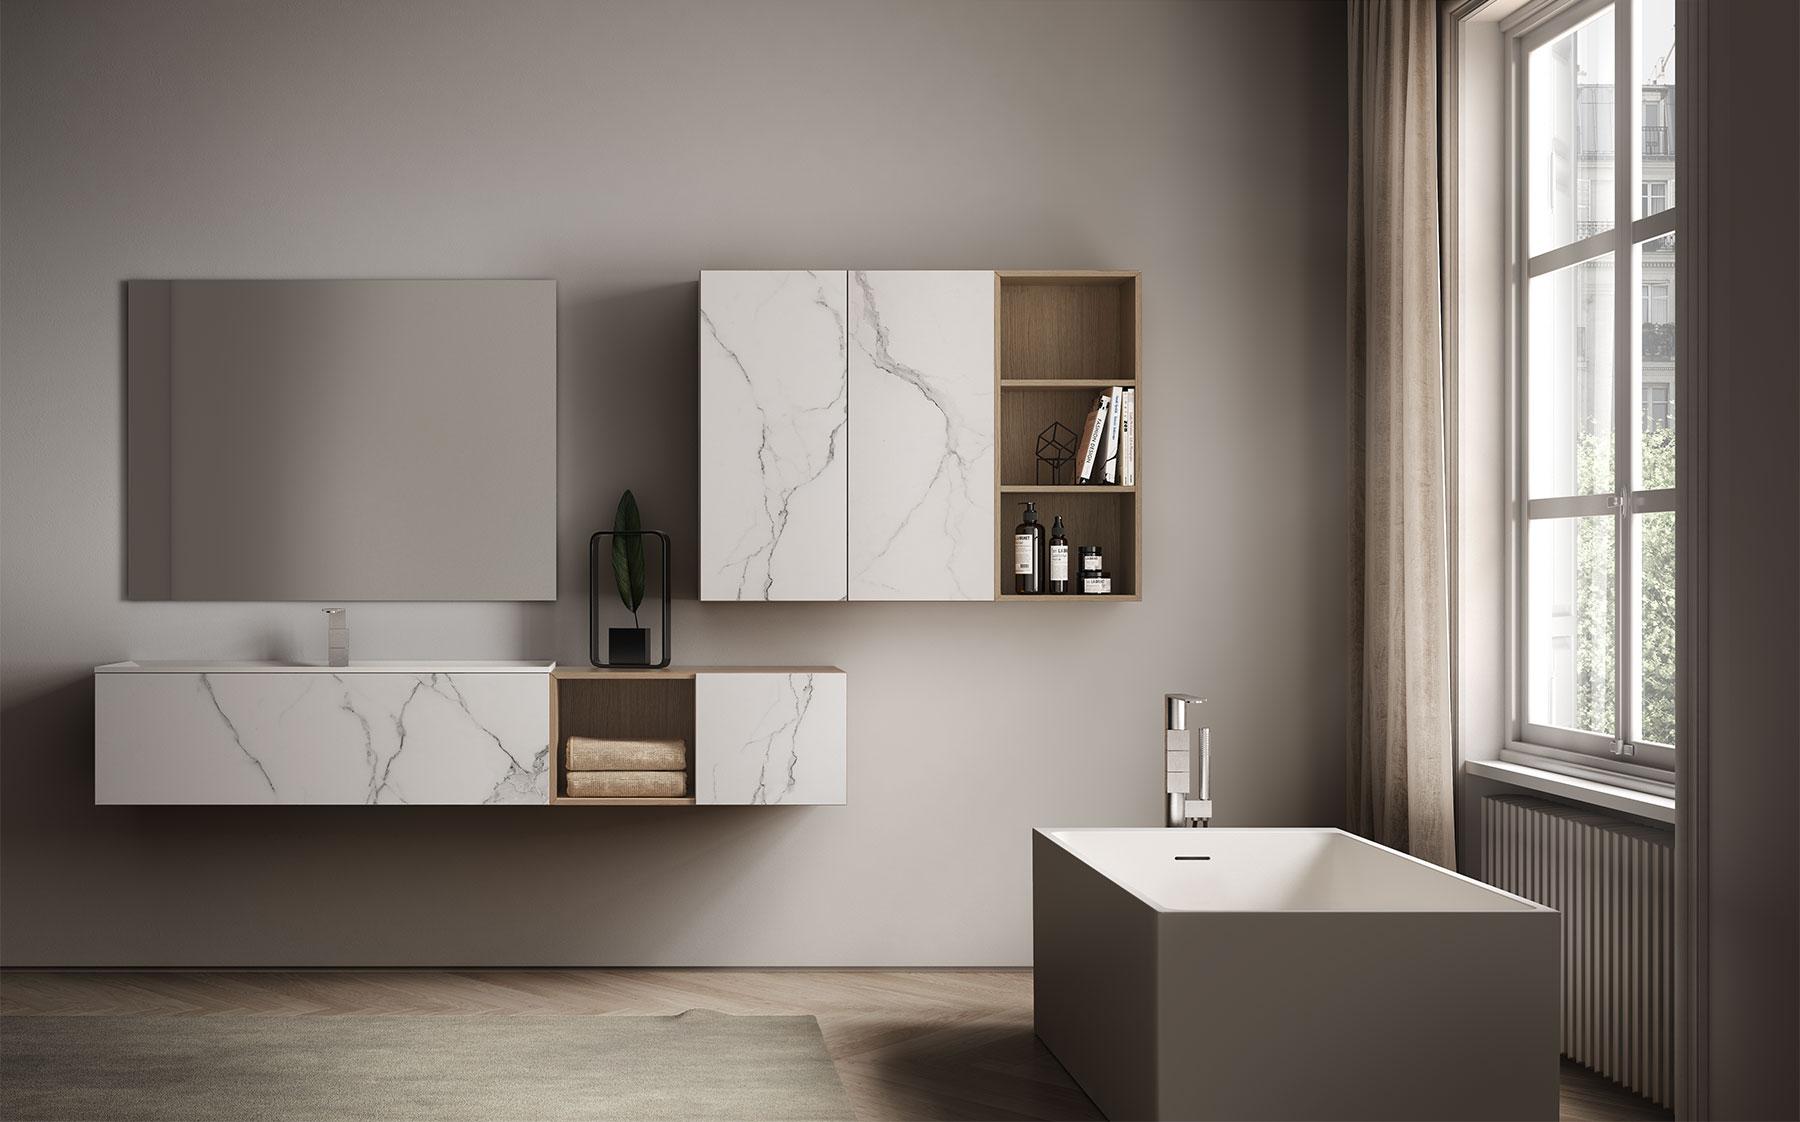 Bagno Lilla E Rosa : Dogma: moderne badezimmermöbel für luxuriöse badezimmer ideagroup